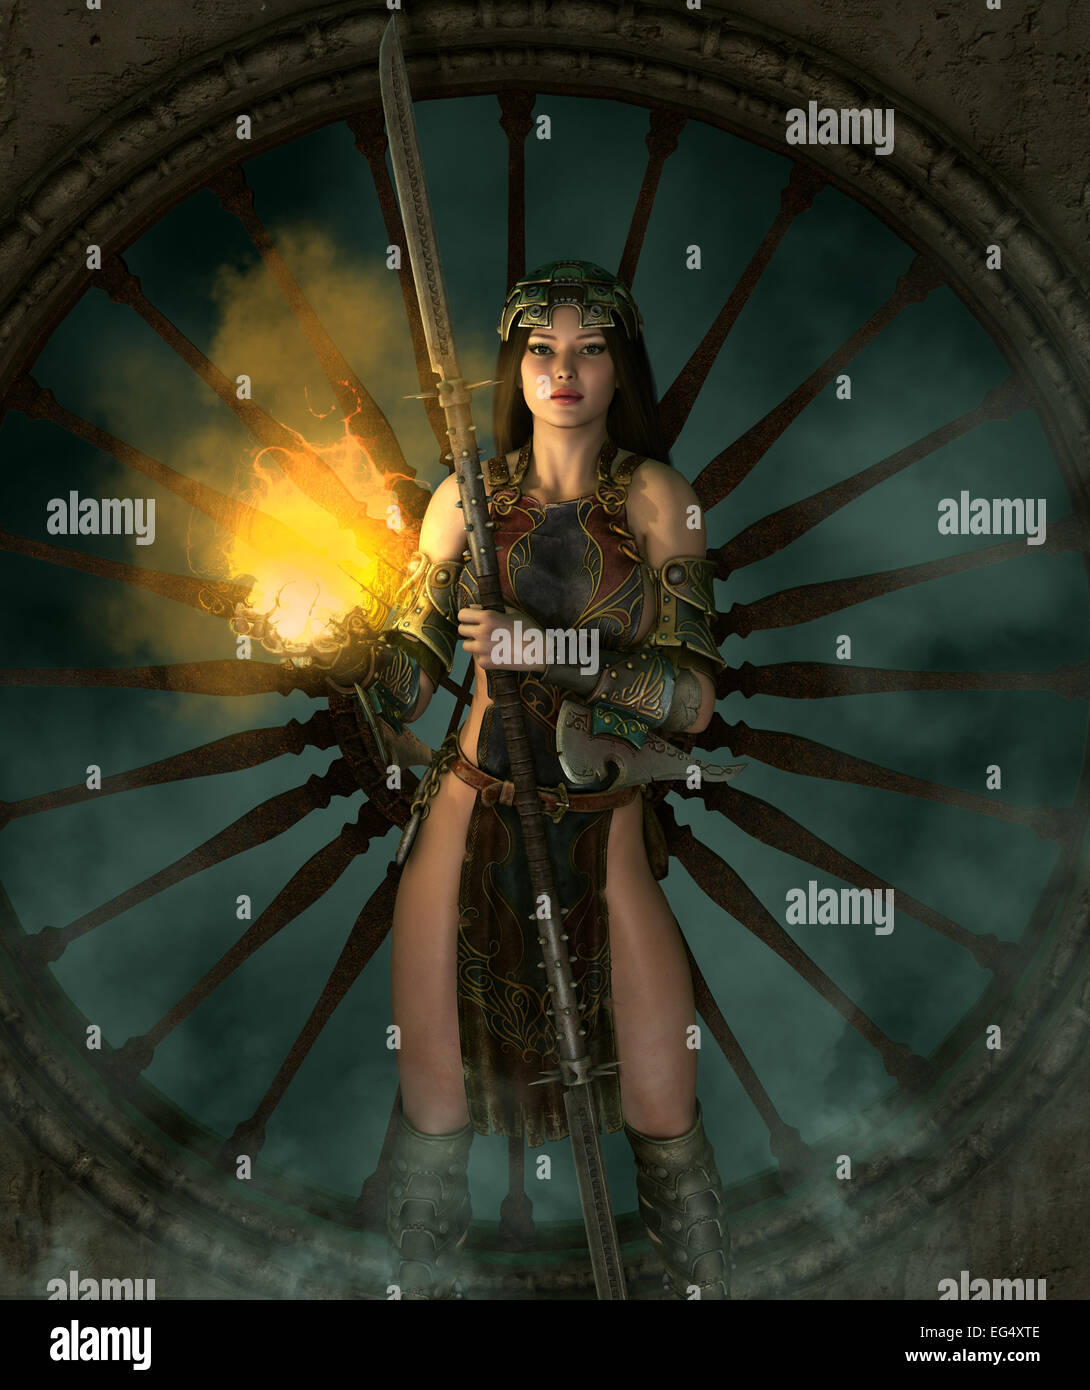 Gráficos 3D por computadora de una mujer joven con un traje de fantasía y un arma Imagen De Stock